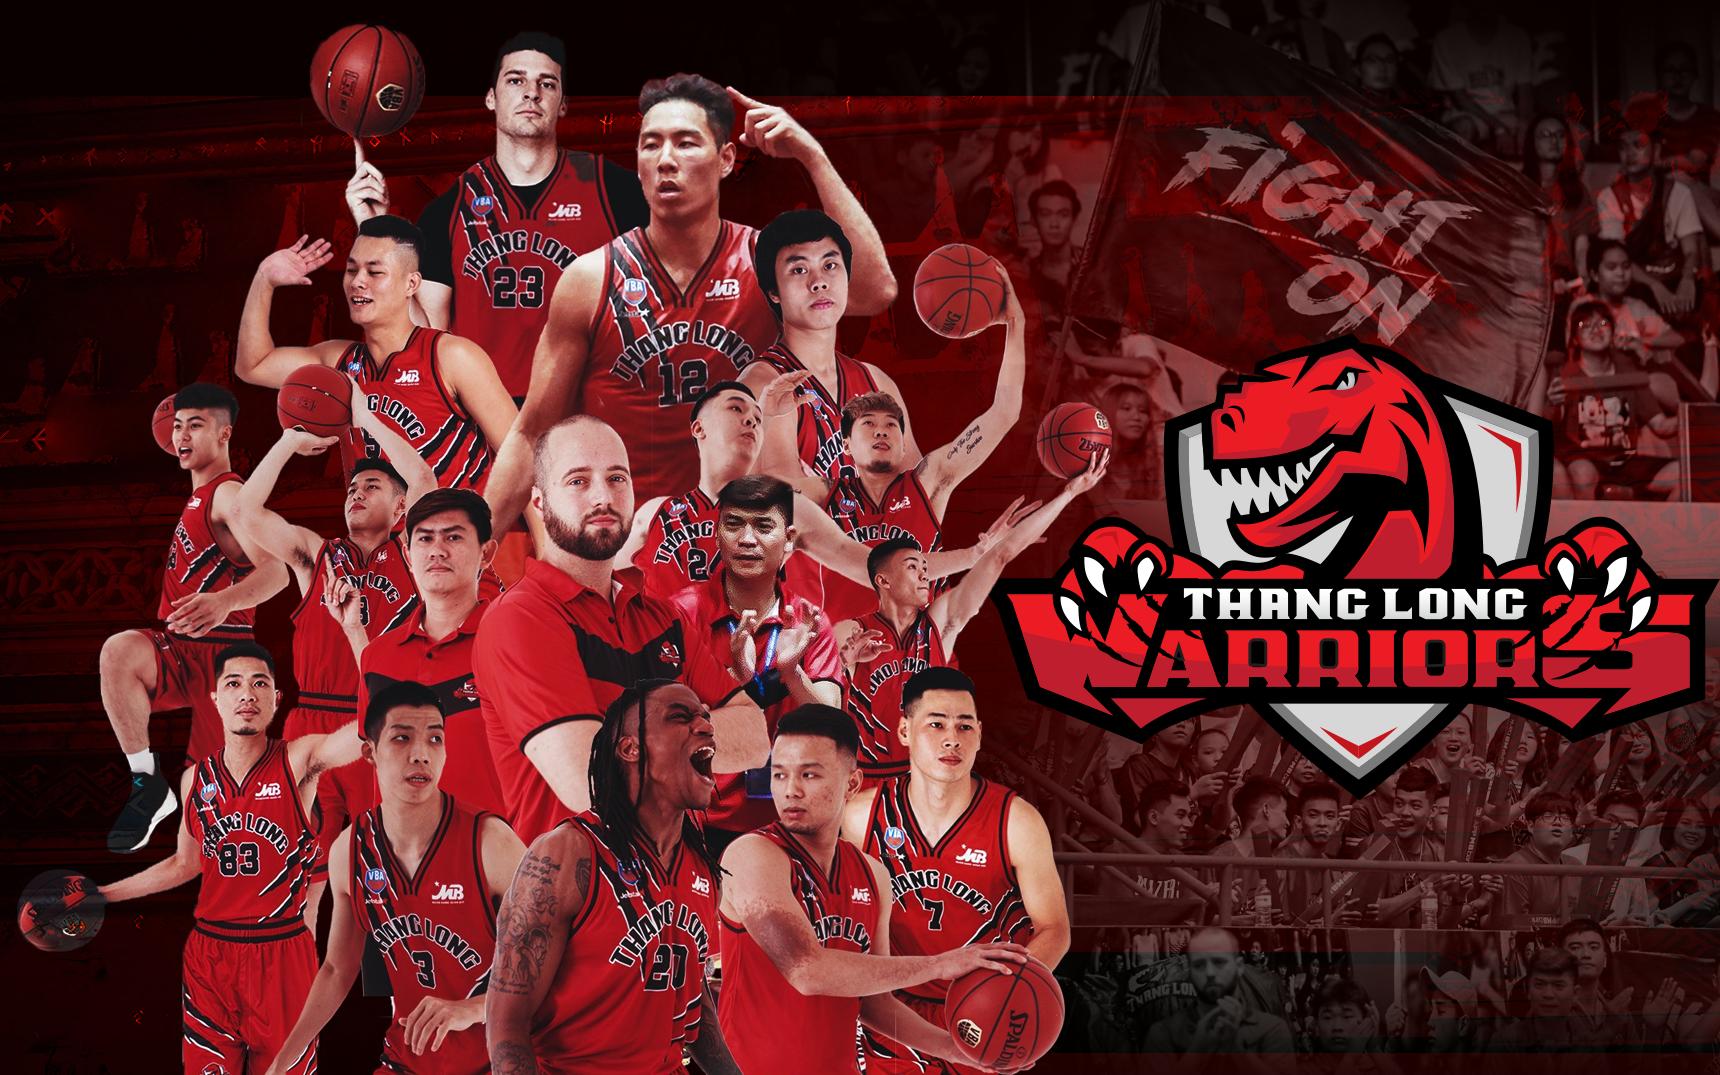 Tổng kết VBA Regular Seasons 2019: Mùa giải khó khăn ngoài dự đoán của Thang Long Warriors